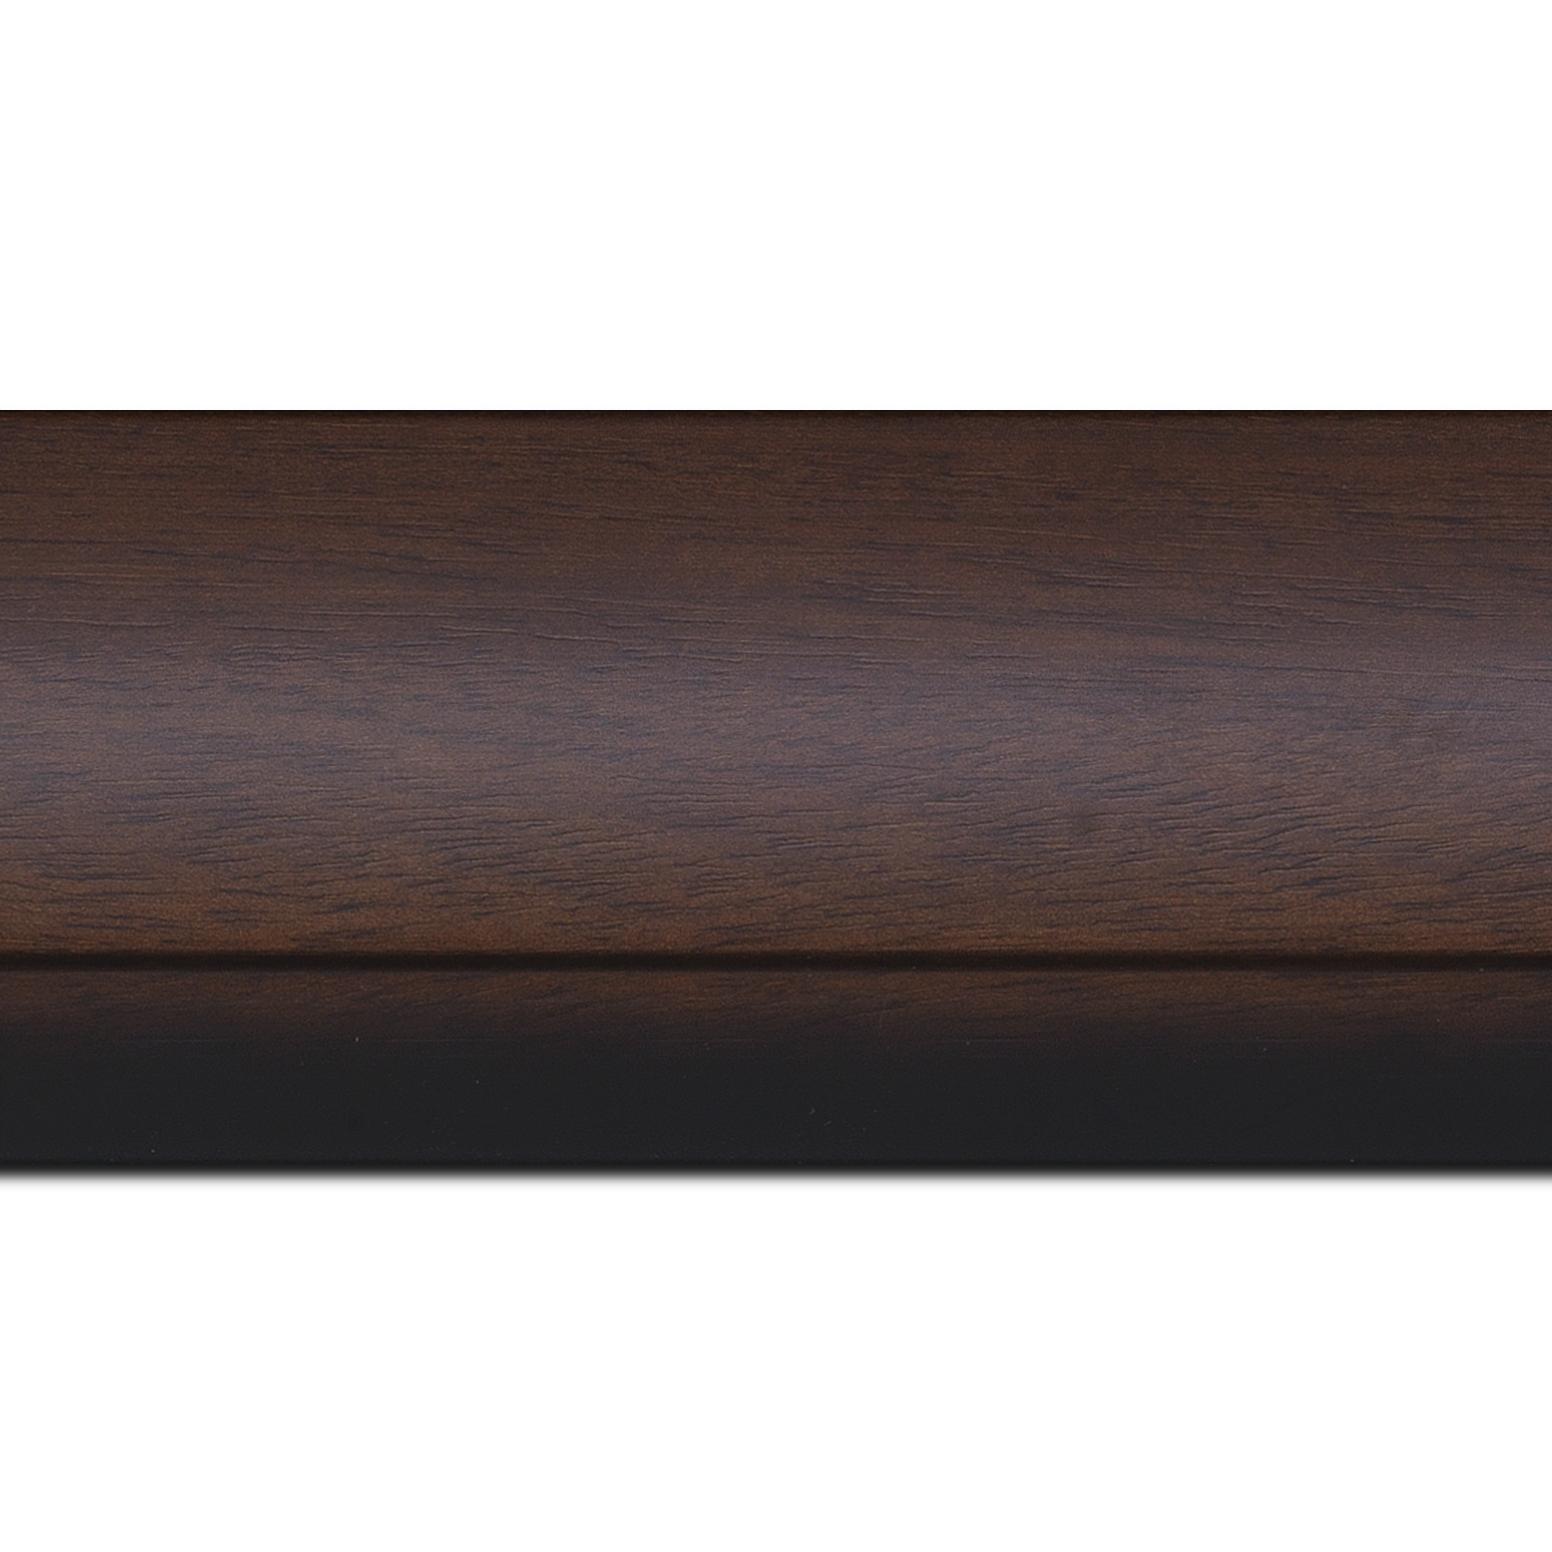 Baguette longueur 1.40m bois profil arrondi largeur 7.6cm couleur chocolat nez noirci